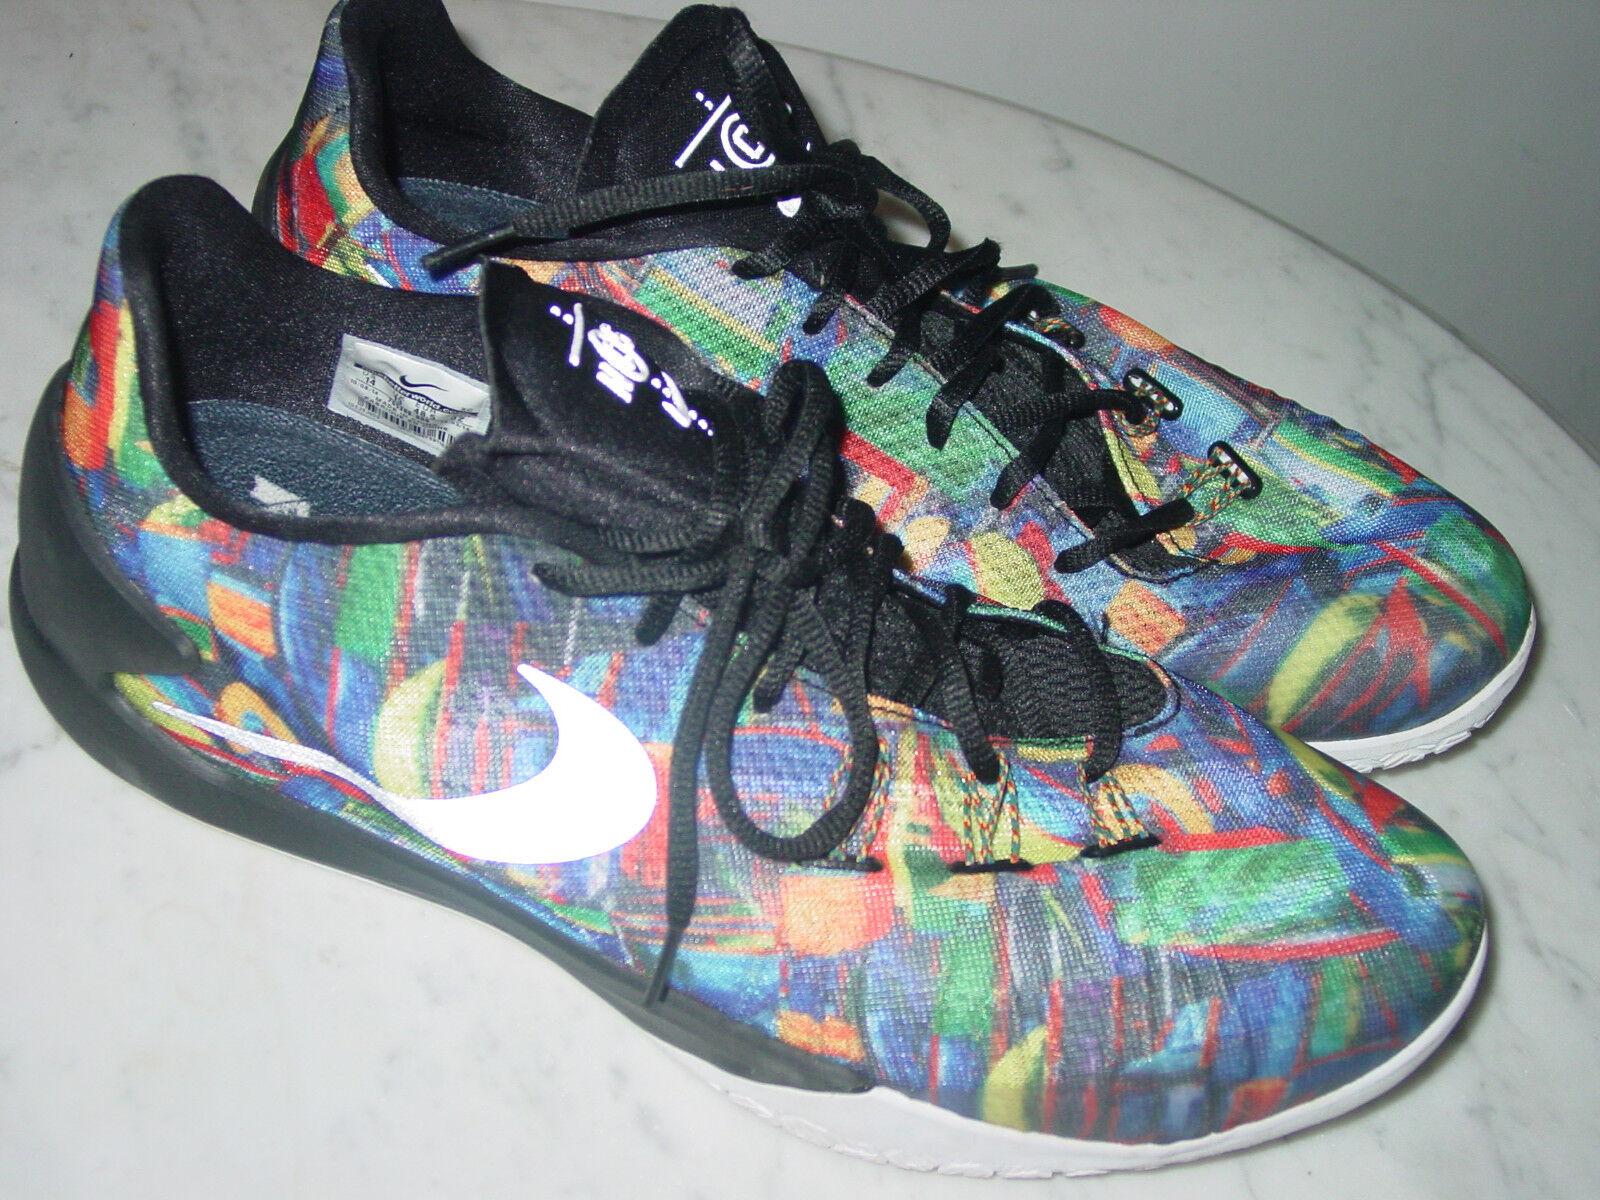 2014 Uomo nike hyperchase sonodiventate qs ncs multi - colore / neri, scarpe da basket!dimensioni 14